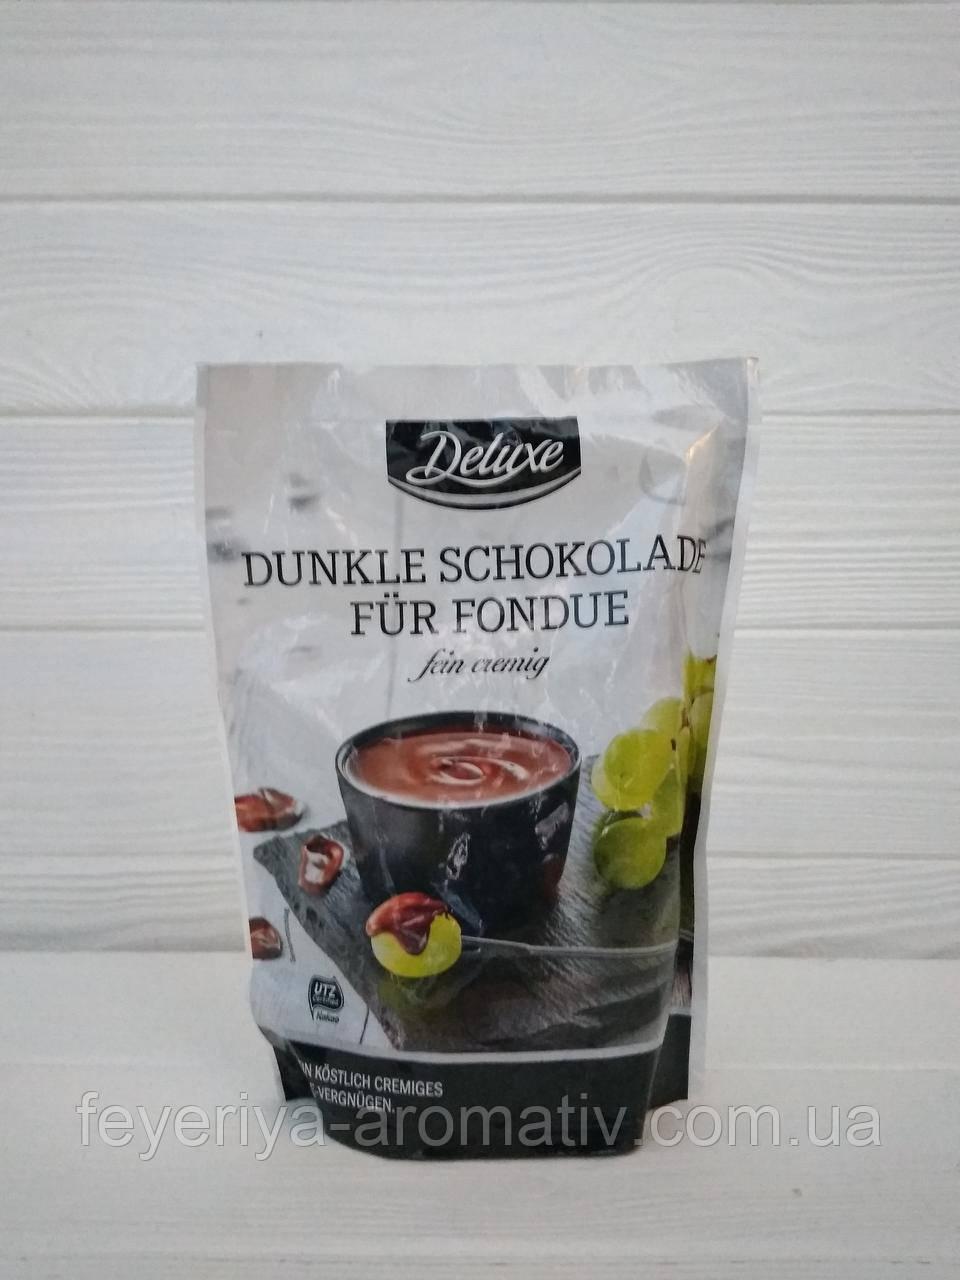 Черный шоколад для фондю Deluxe Dunkle Schokolade fur Fondue 200гр (Германия)